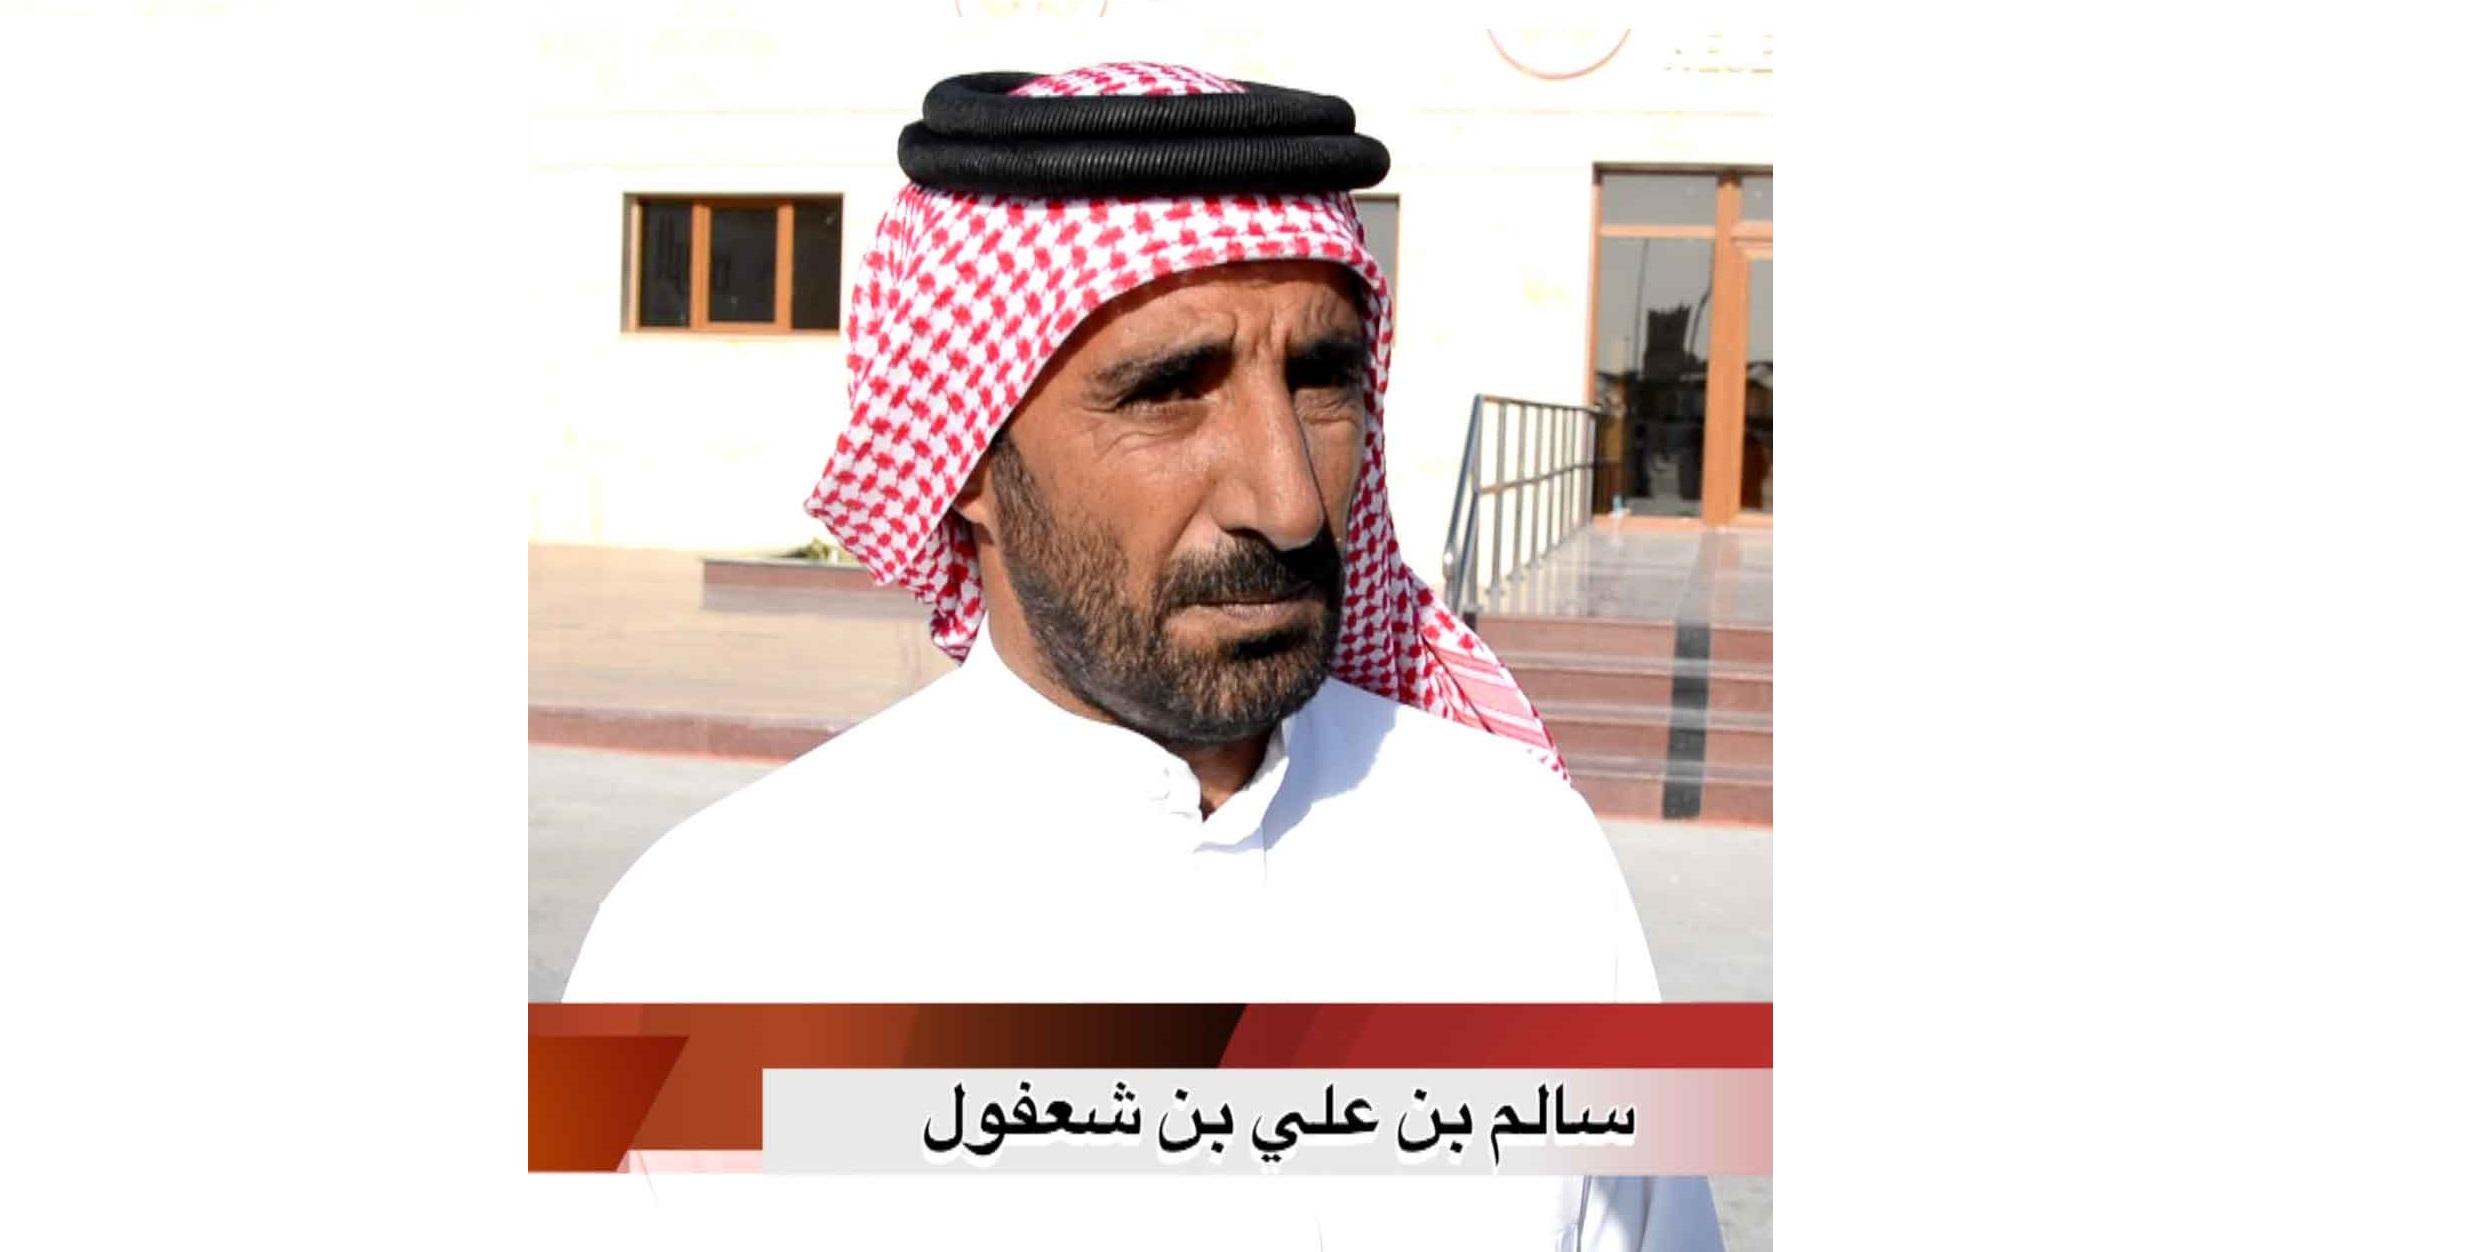 """سالم بن شعفول: أدركت فوز """"الغزيل"""" بالشلفة في آخر 1500 متر"""